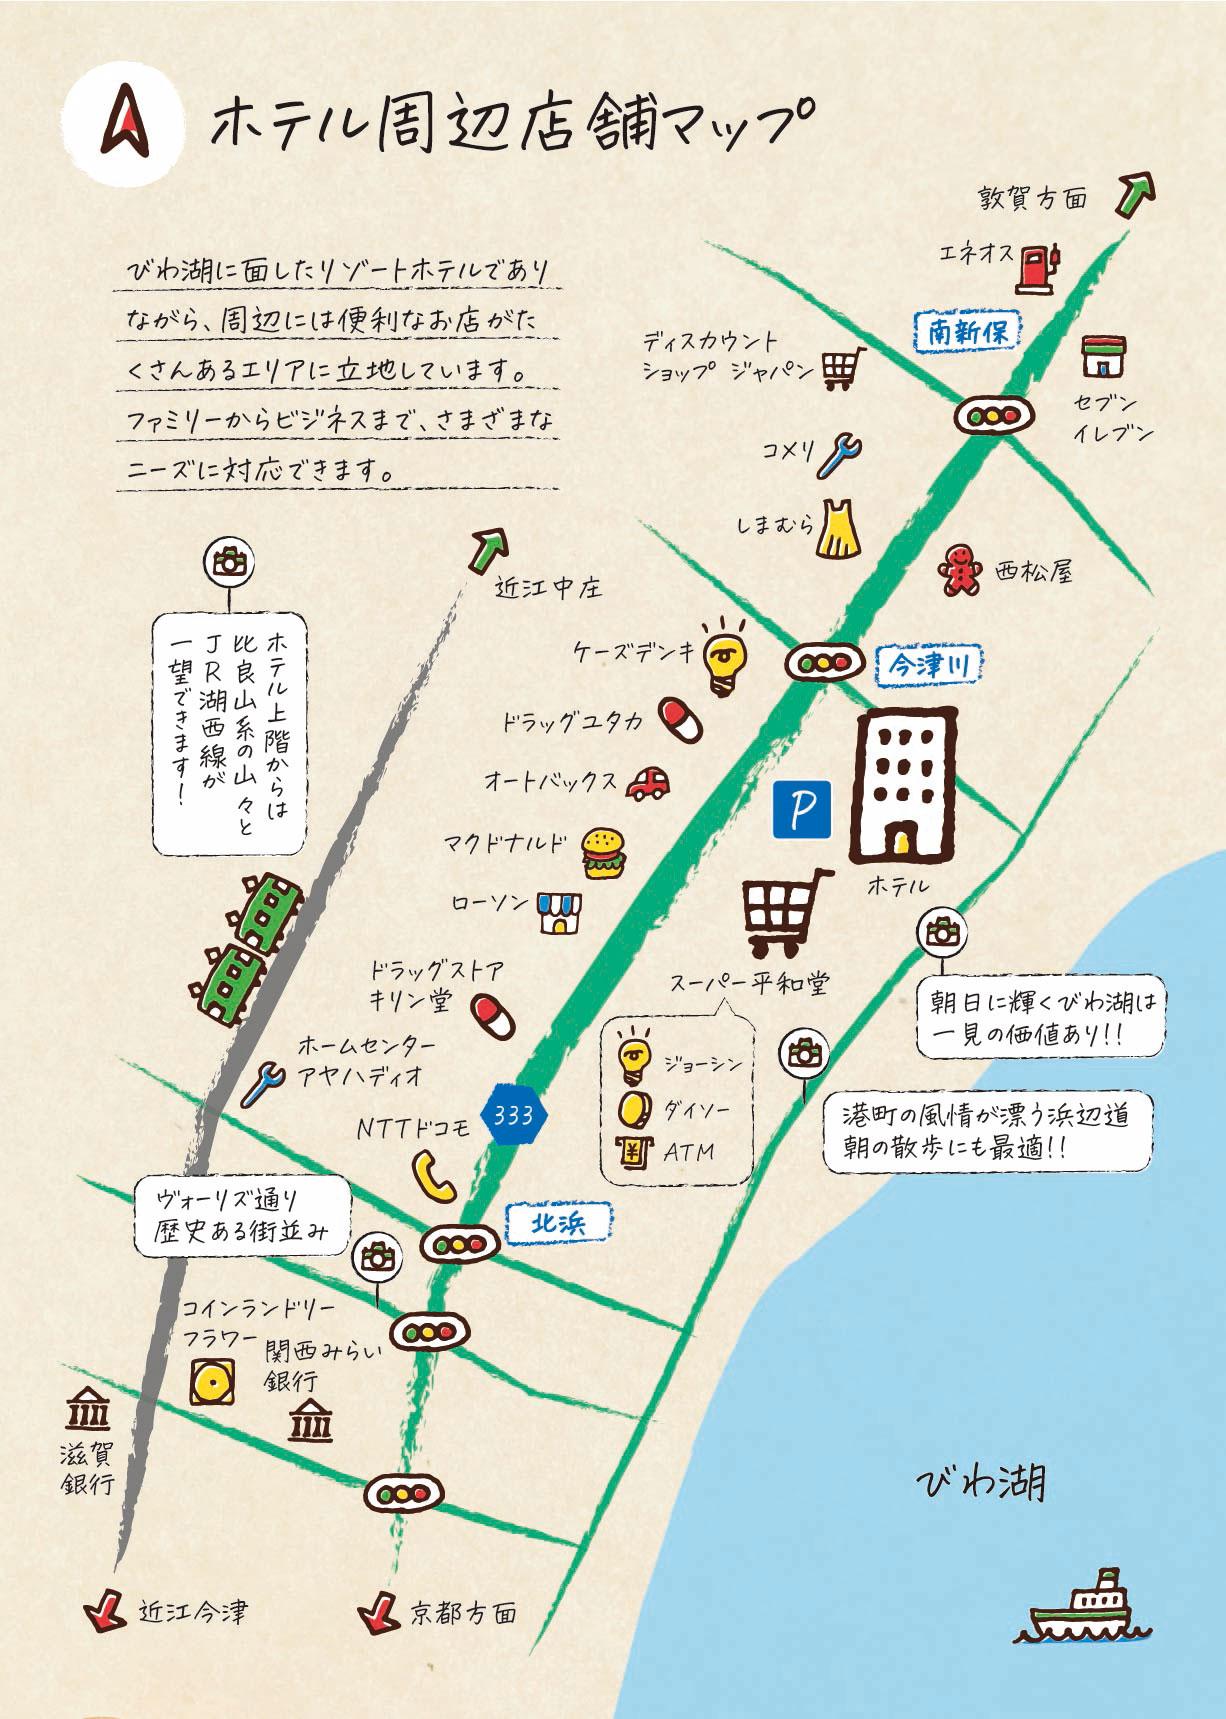 周辺店舗の地図